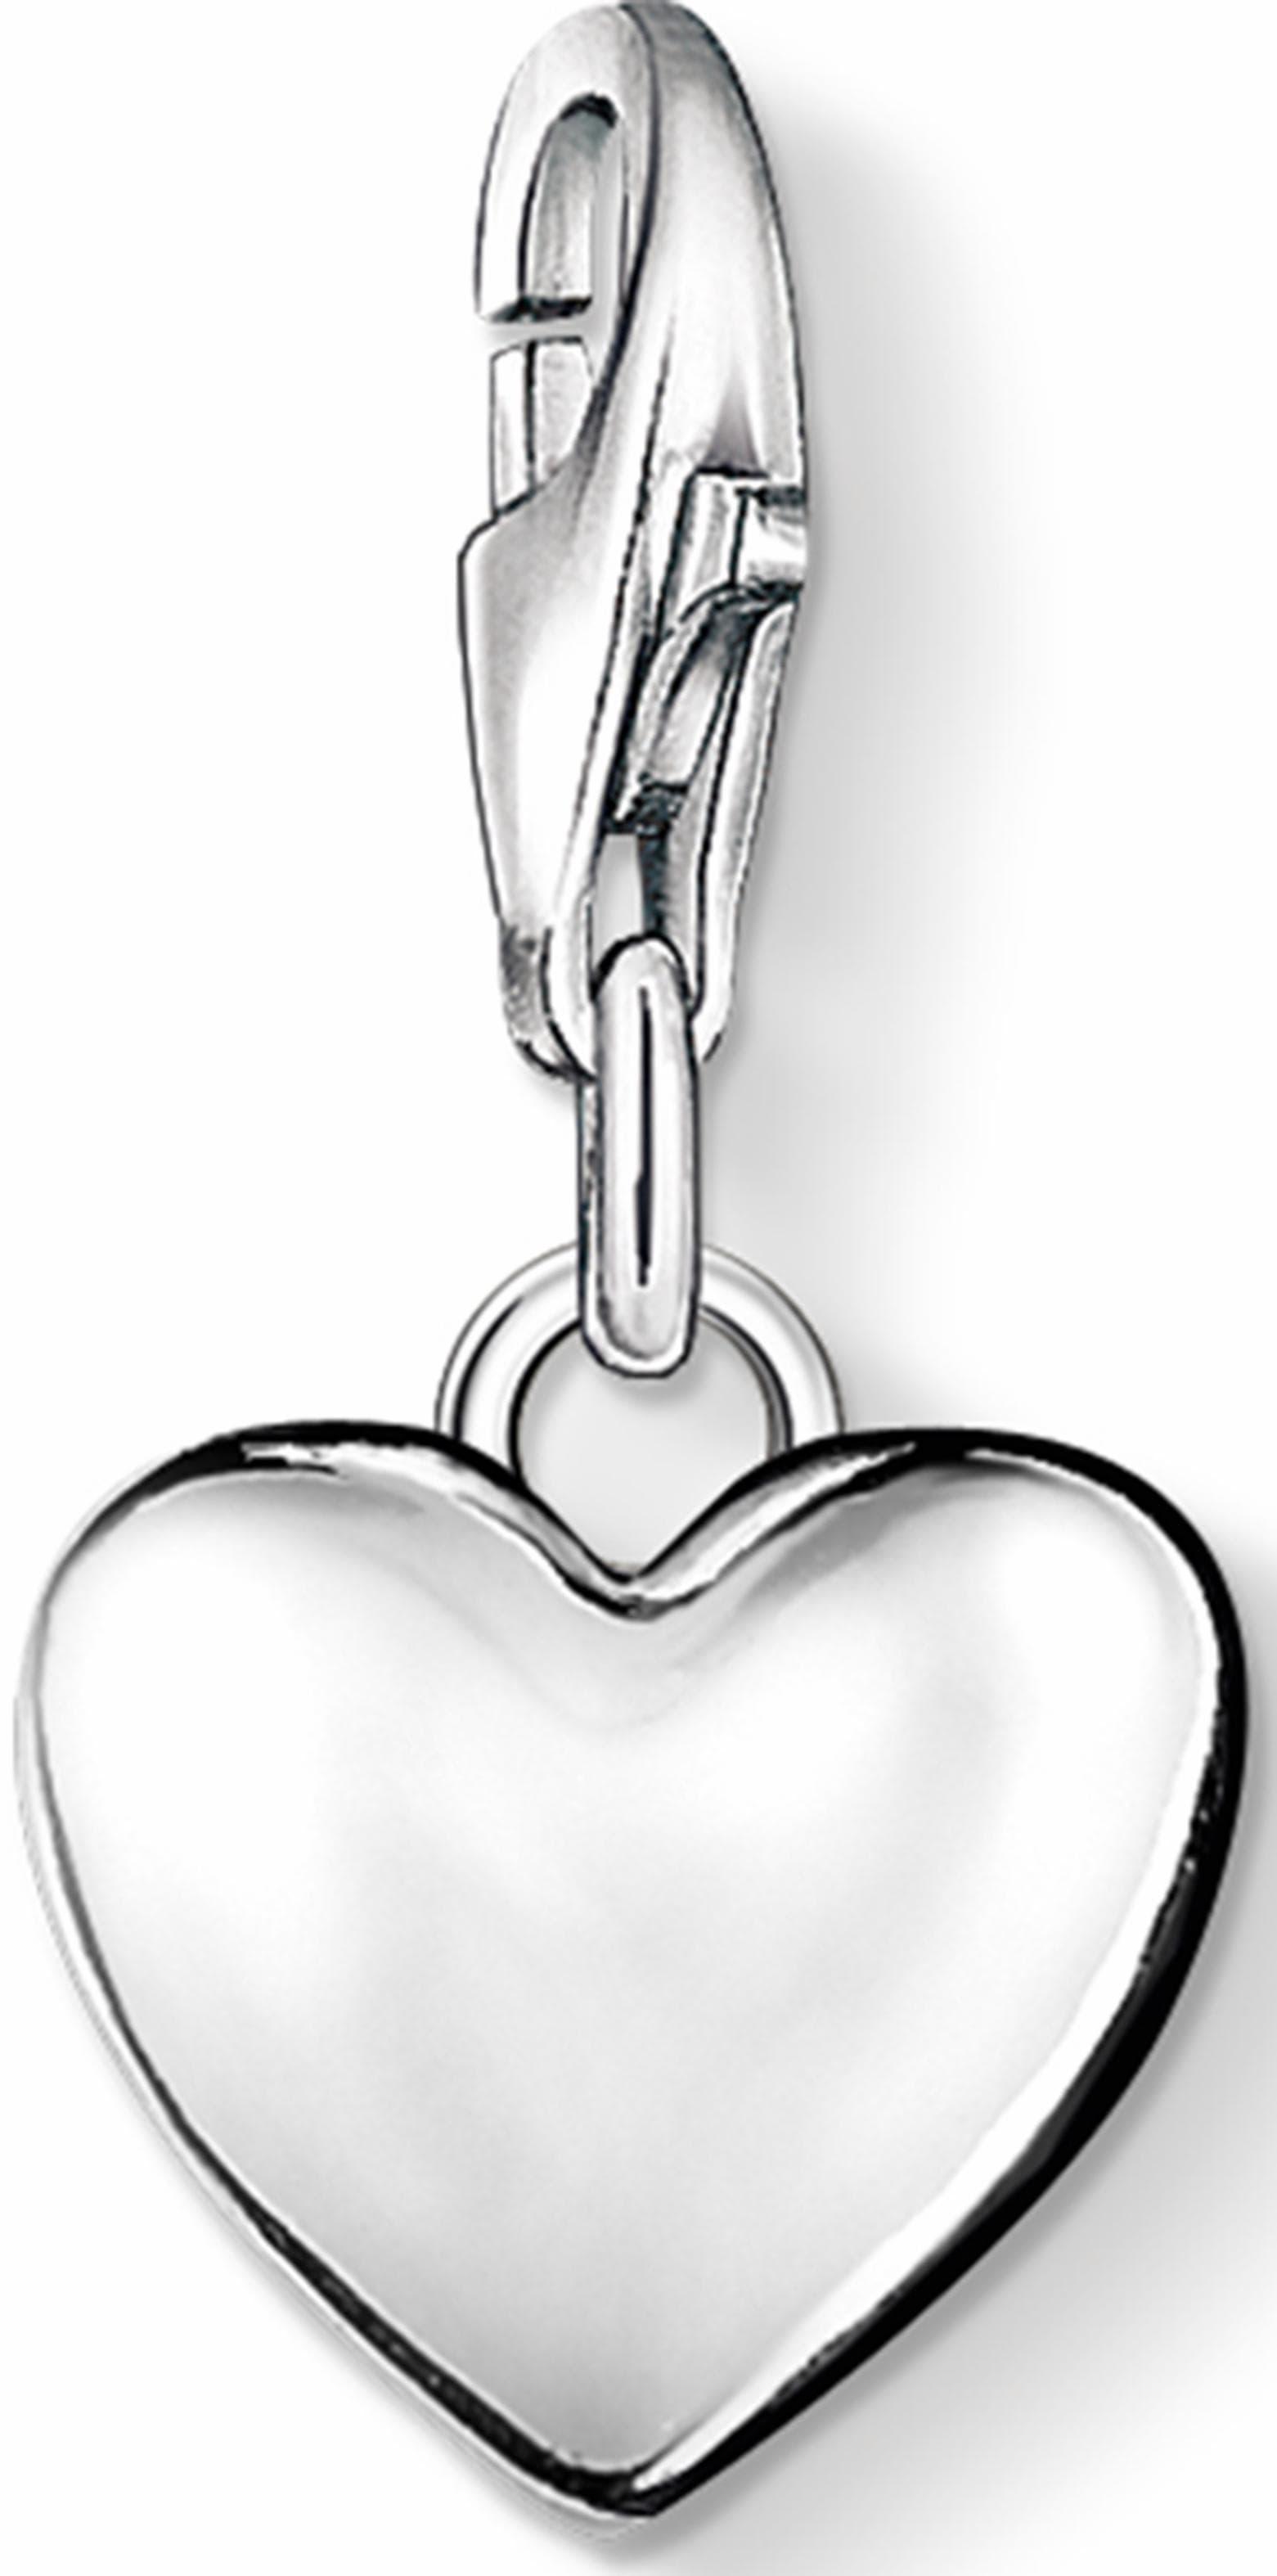 THOMAS SABO Charm-Einhänger Herz, 0913-001-12 | Schmuck > Charms > Charms Anhänger | Thomas Sabo